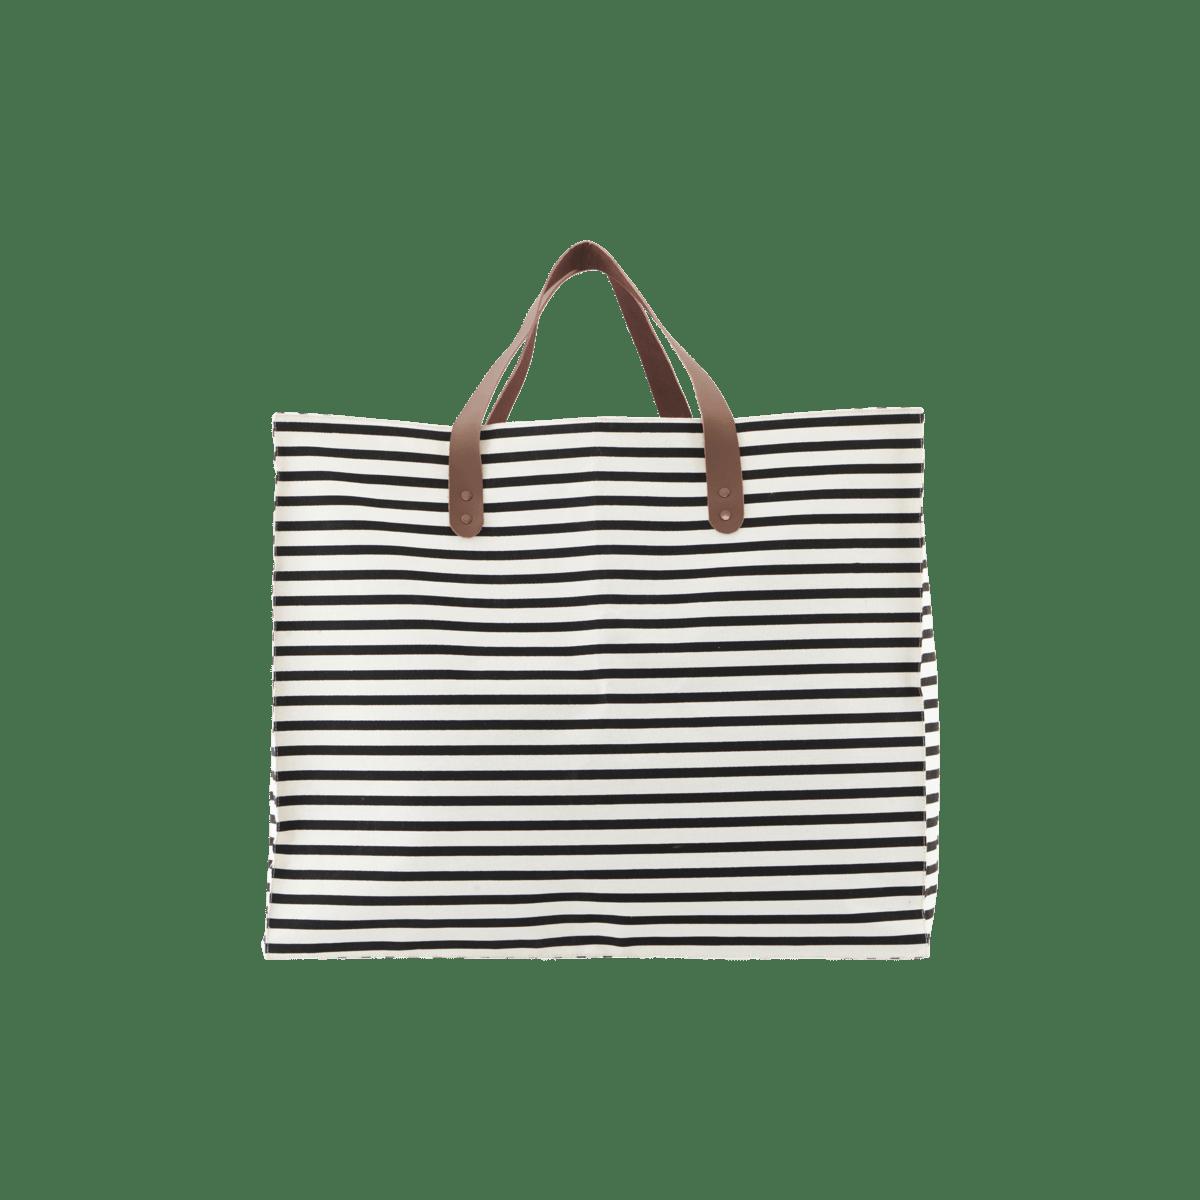 Sada 4 ks − Bílá úložná taška Stripes